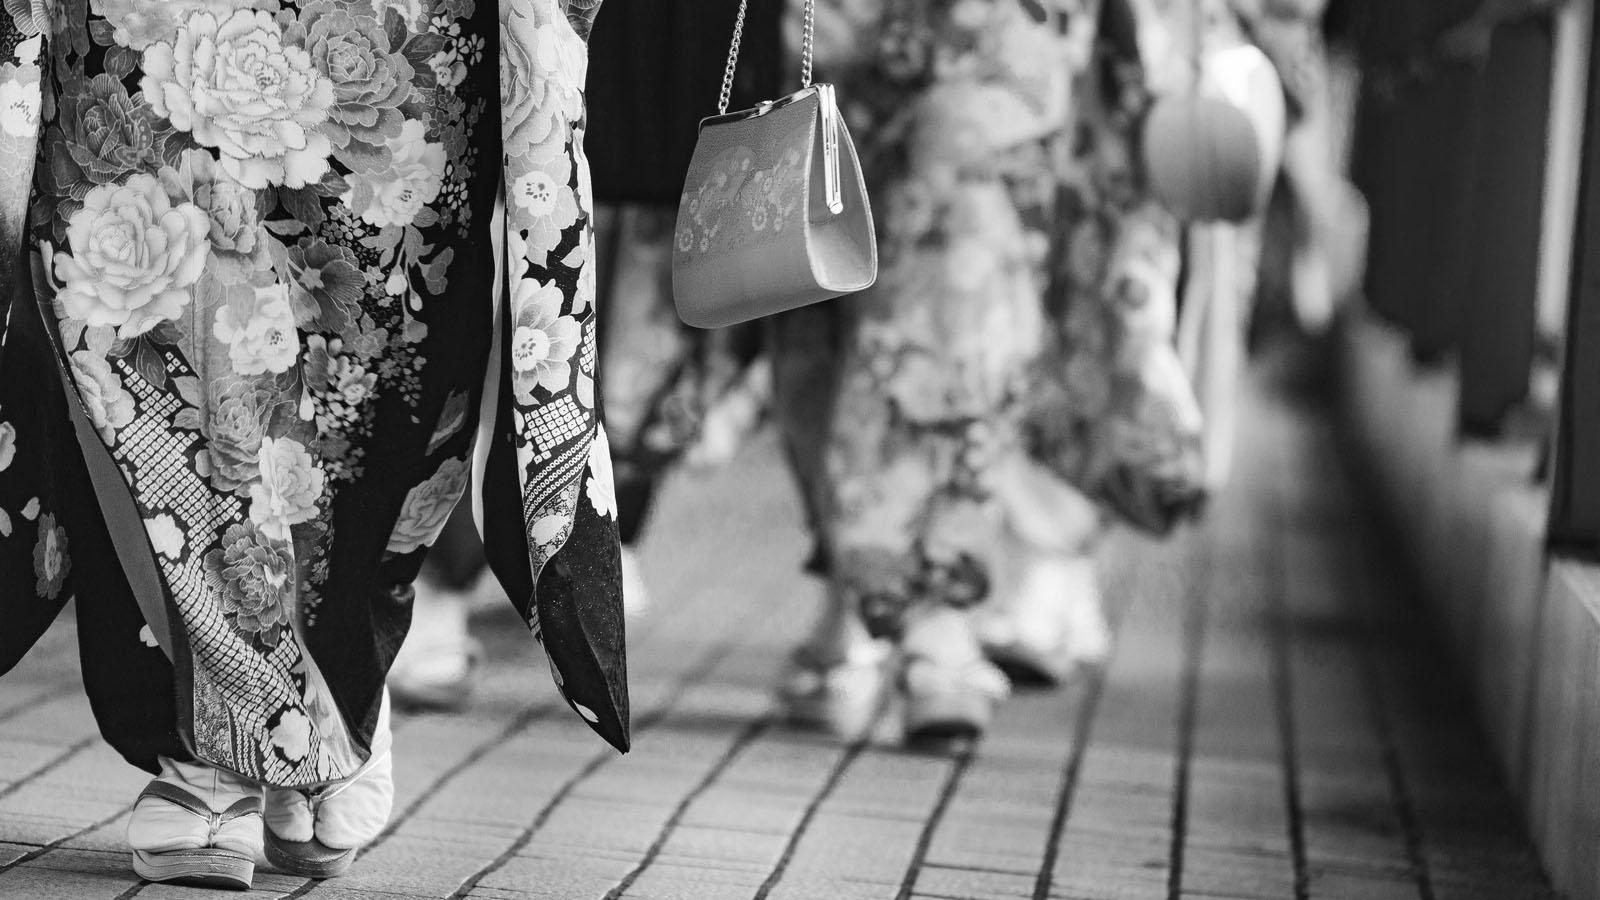 日本にも【乱婚】の風習が存在した